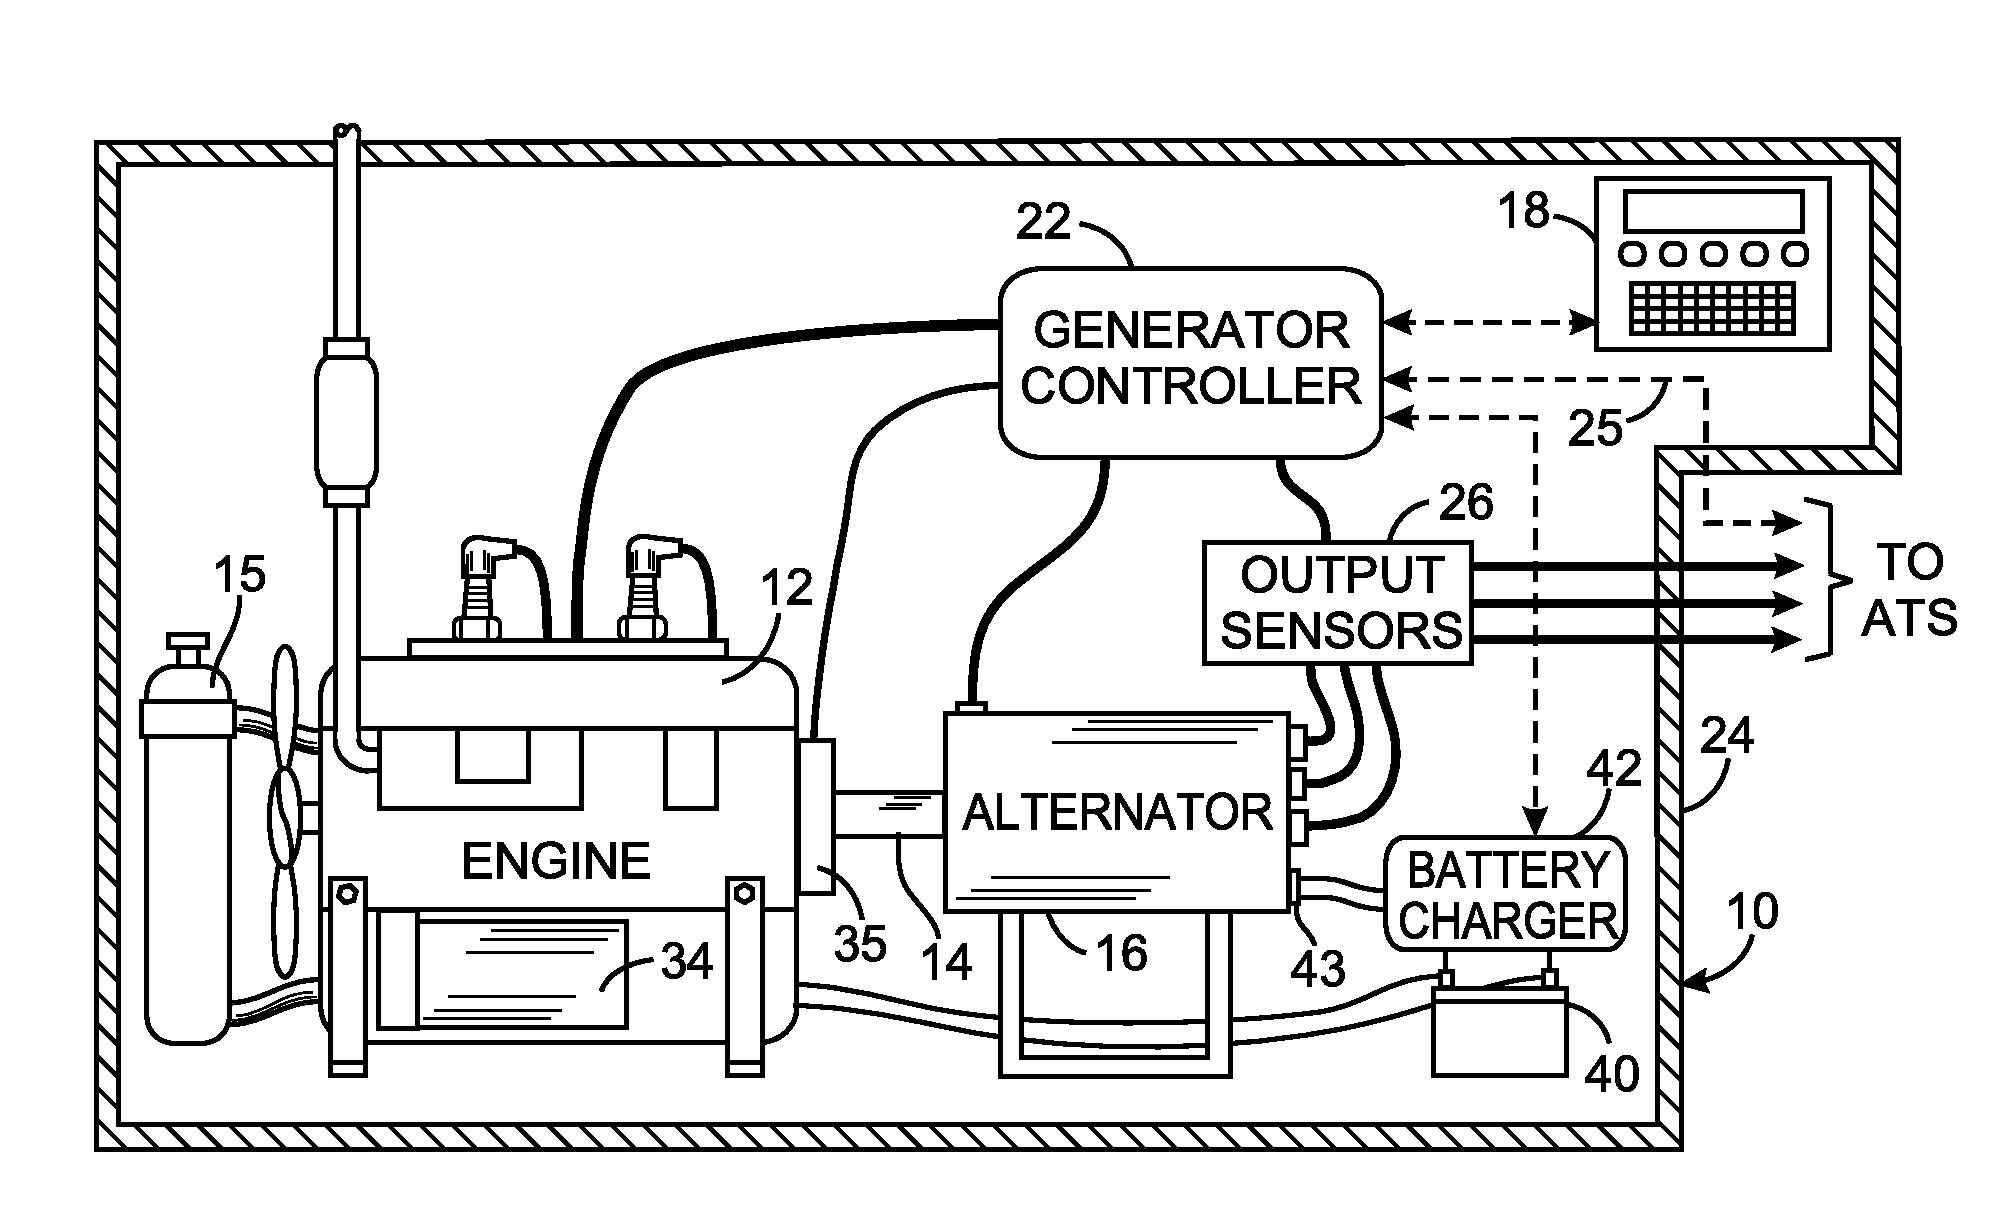 Kohler rv generator wiring diagram images